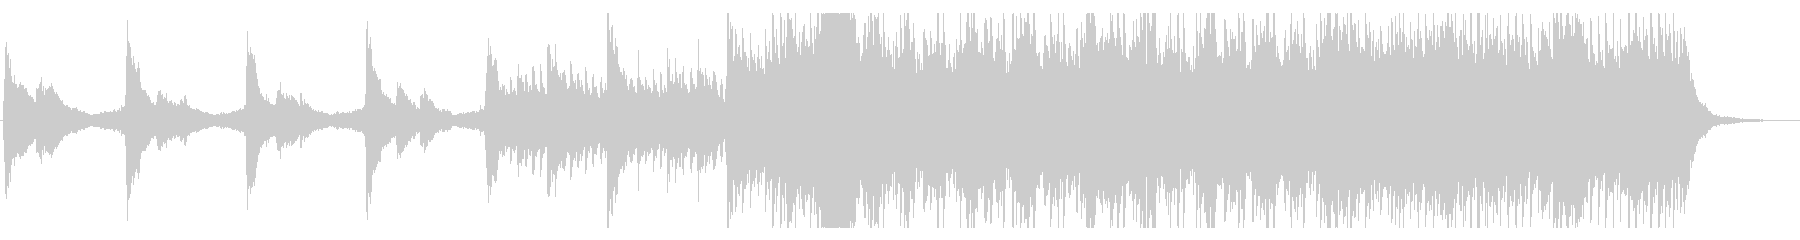 【生演奏】アコギとピアノの爽やかな曲の未再生の波形